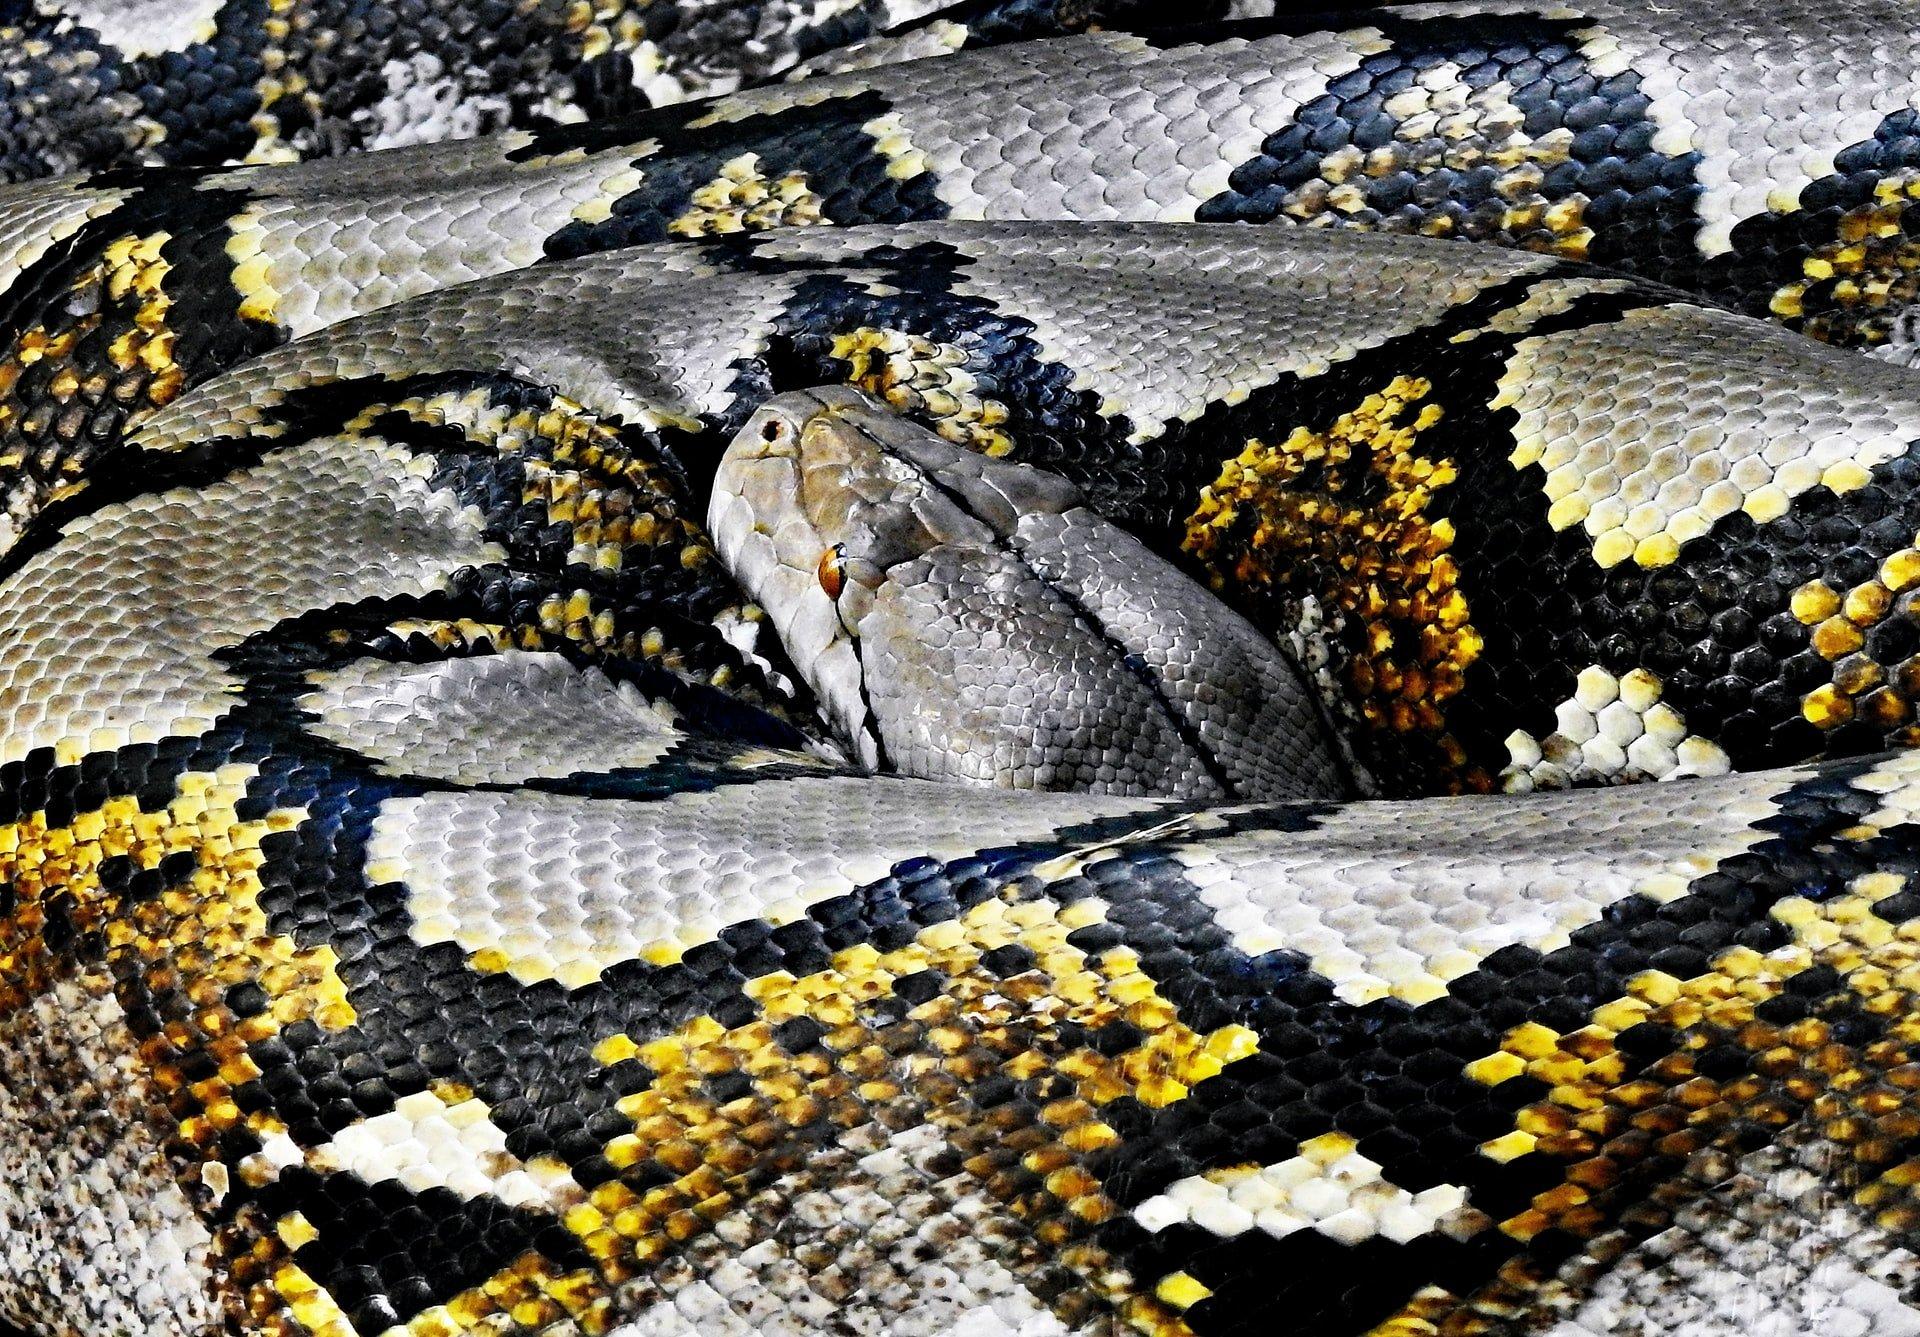 Ball python - έως 6 μήνες